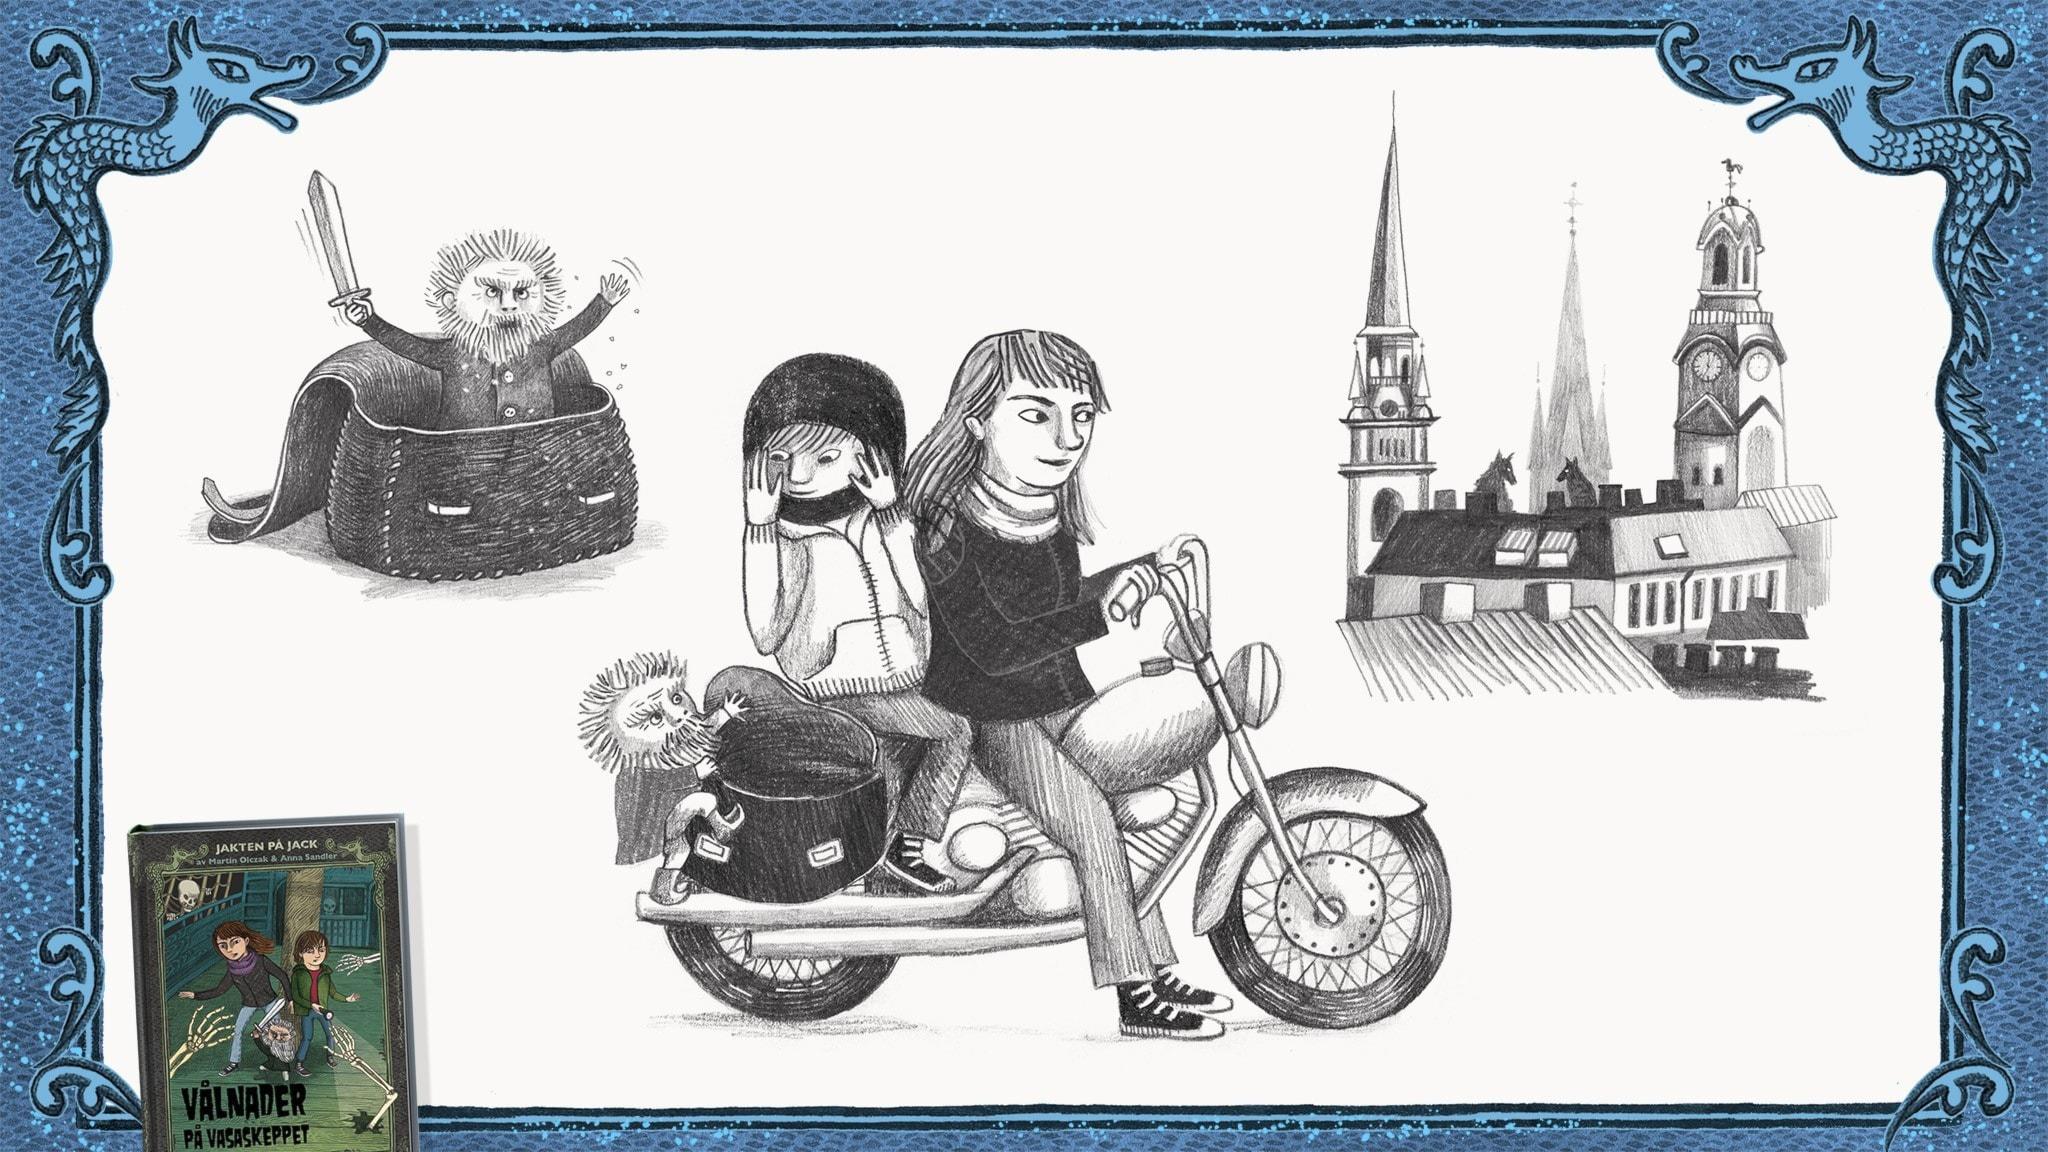 Jakten på Jack, del 6 - Jack, Betty och Rurik åker på Bettys motorcykel. De ser varulvar som vaktar över hustaken i Gamla Stan. Bild: Anna Sandler